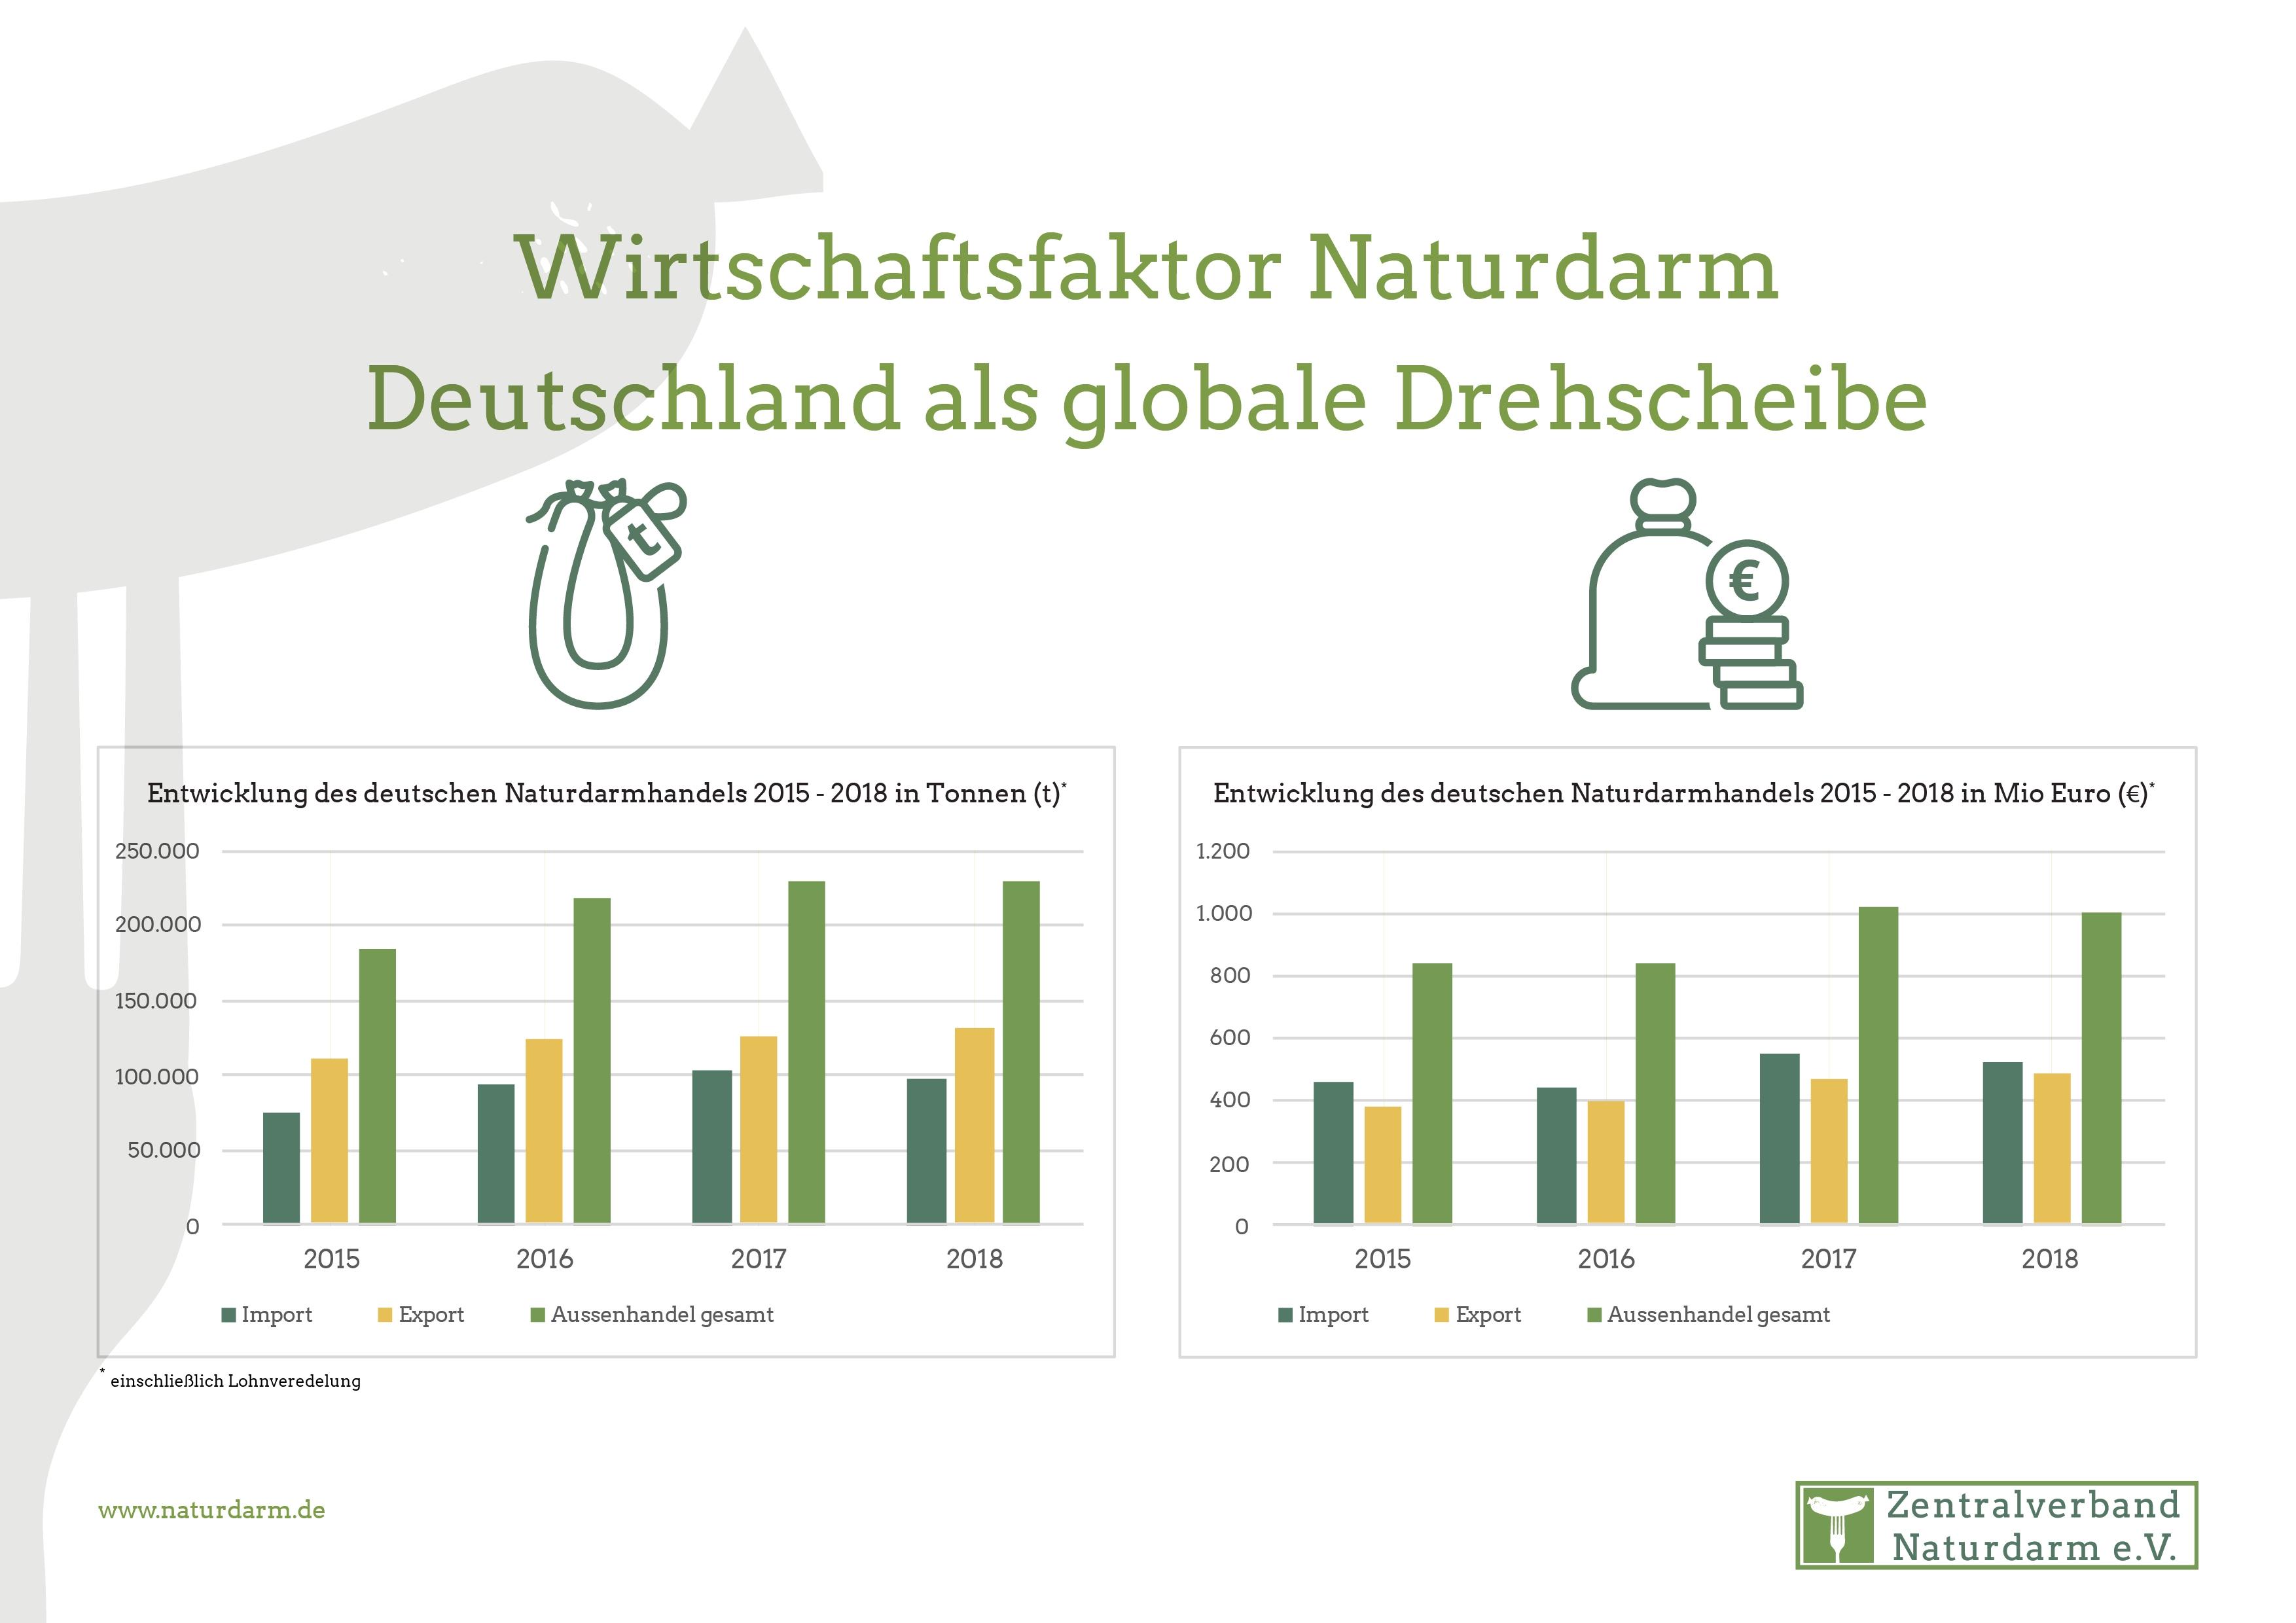 Wirtschaftsfaktor Naturdarm Deutschland als globale Drehscheibe